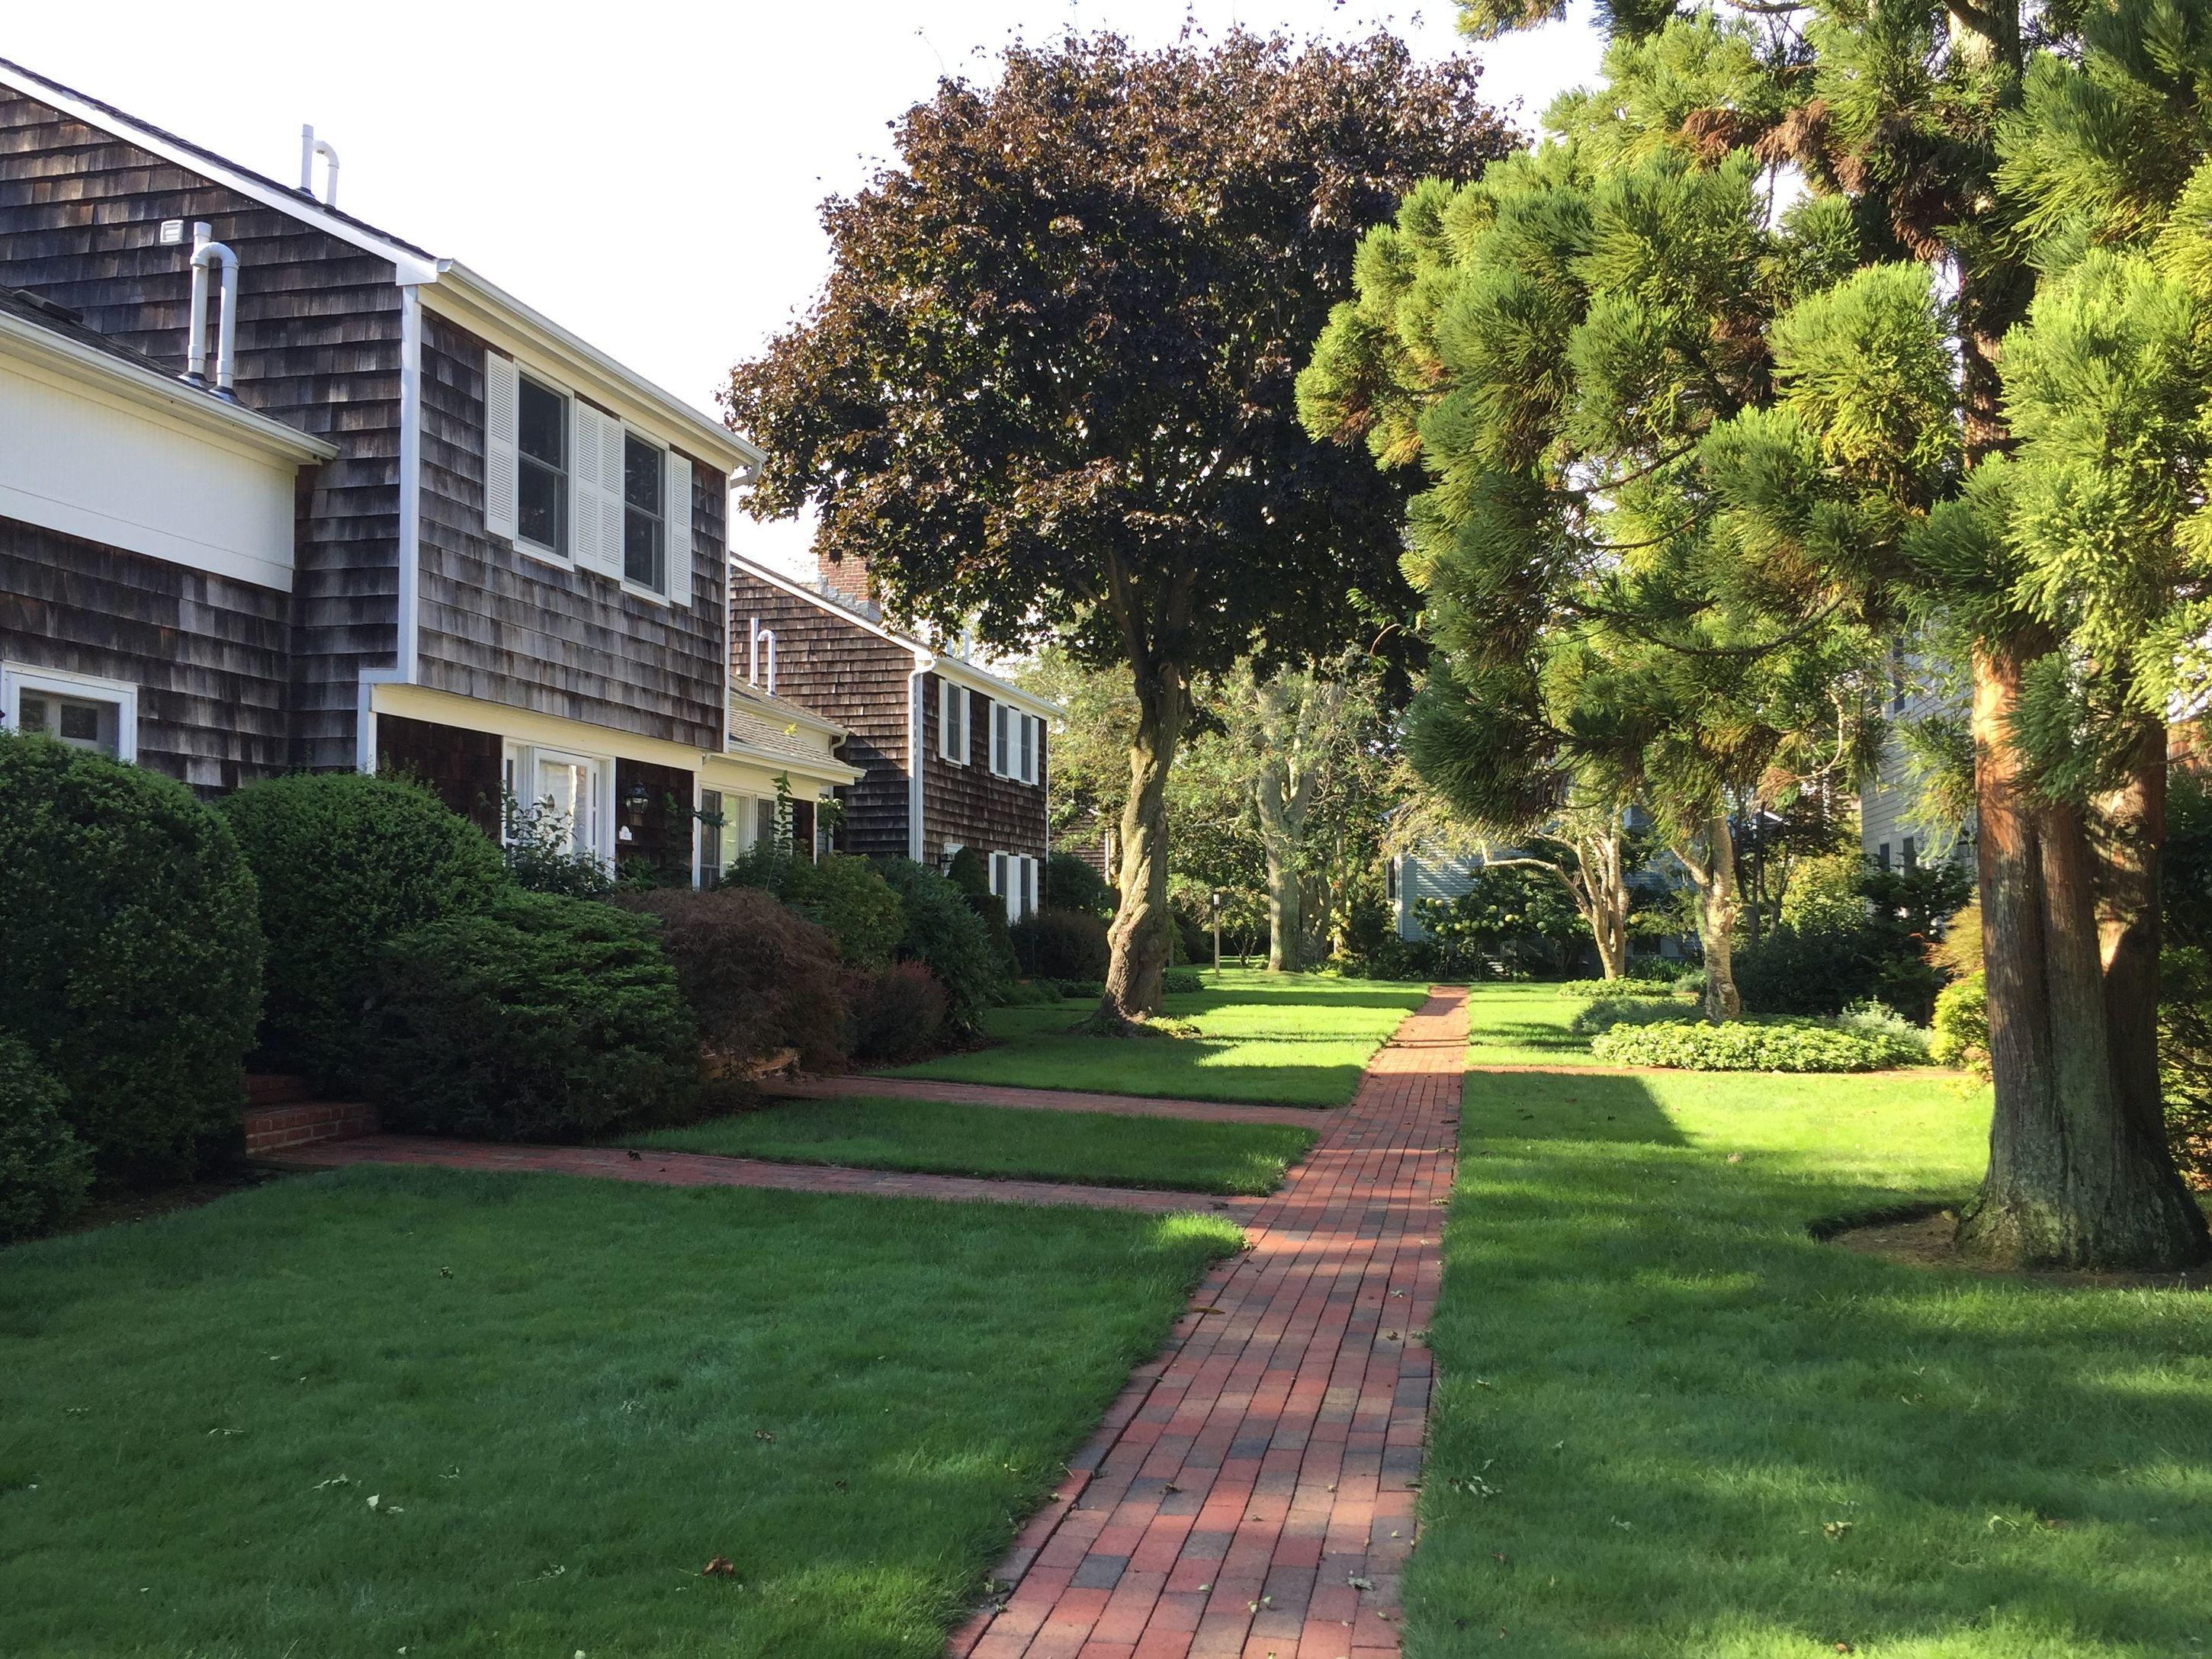 Southampton Village, New York